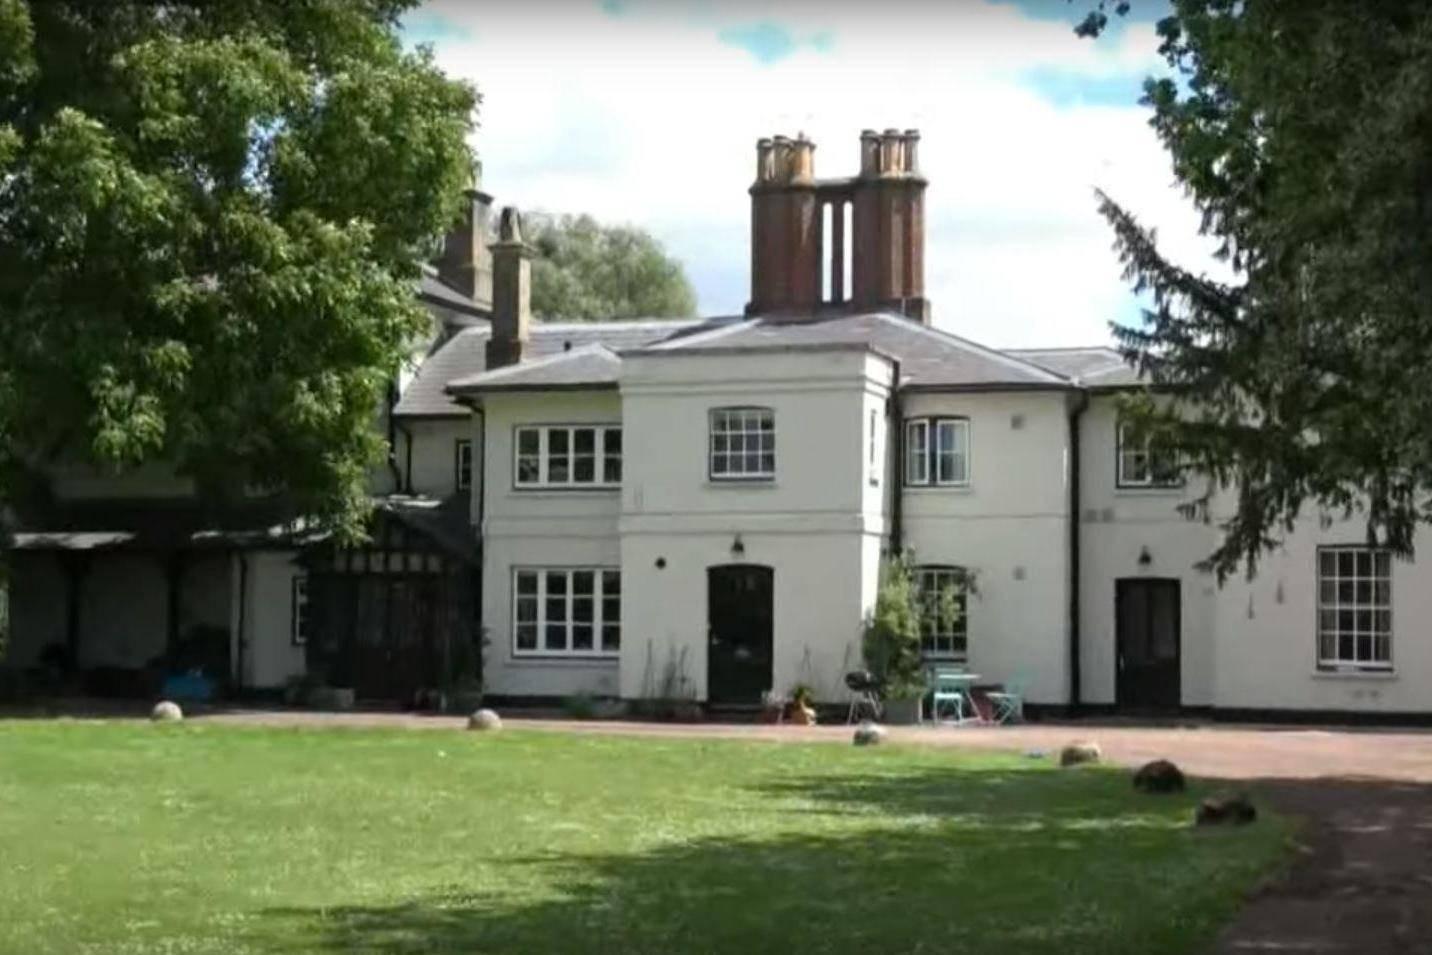 Дом Гарри и Меган, само собой, посетить нельзя, а вот оказаться в окрестностях Фрогмор-хаус, где сейчас никто не живет, вполне реально. Правда, придется сильно постараться. Экскурсии в со...